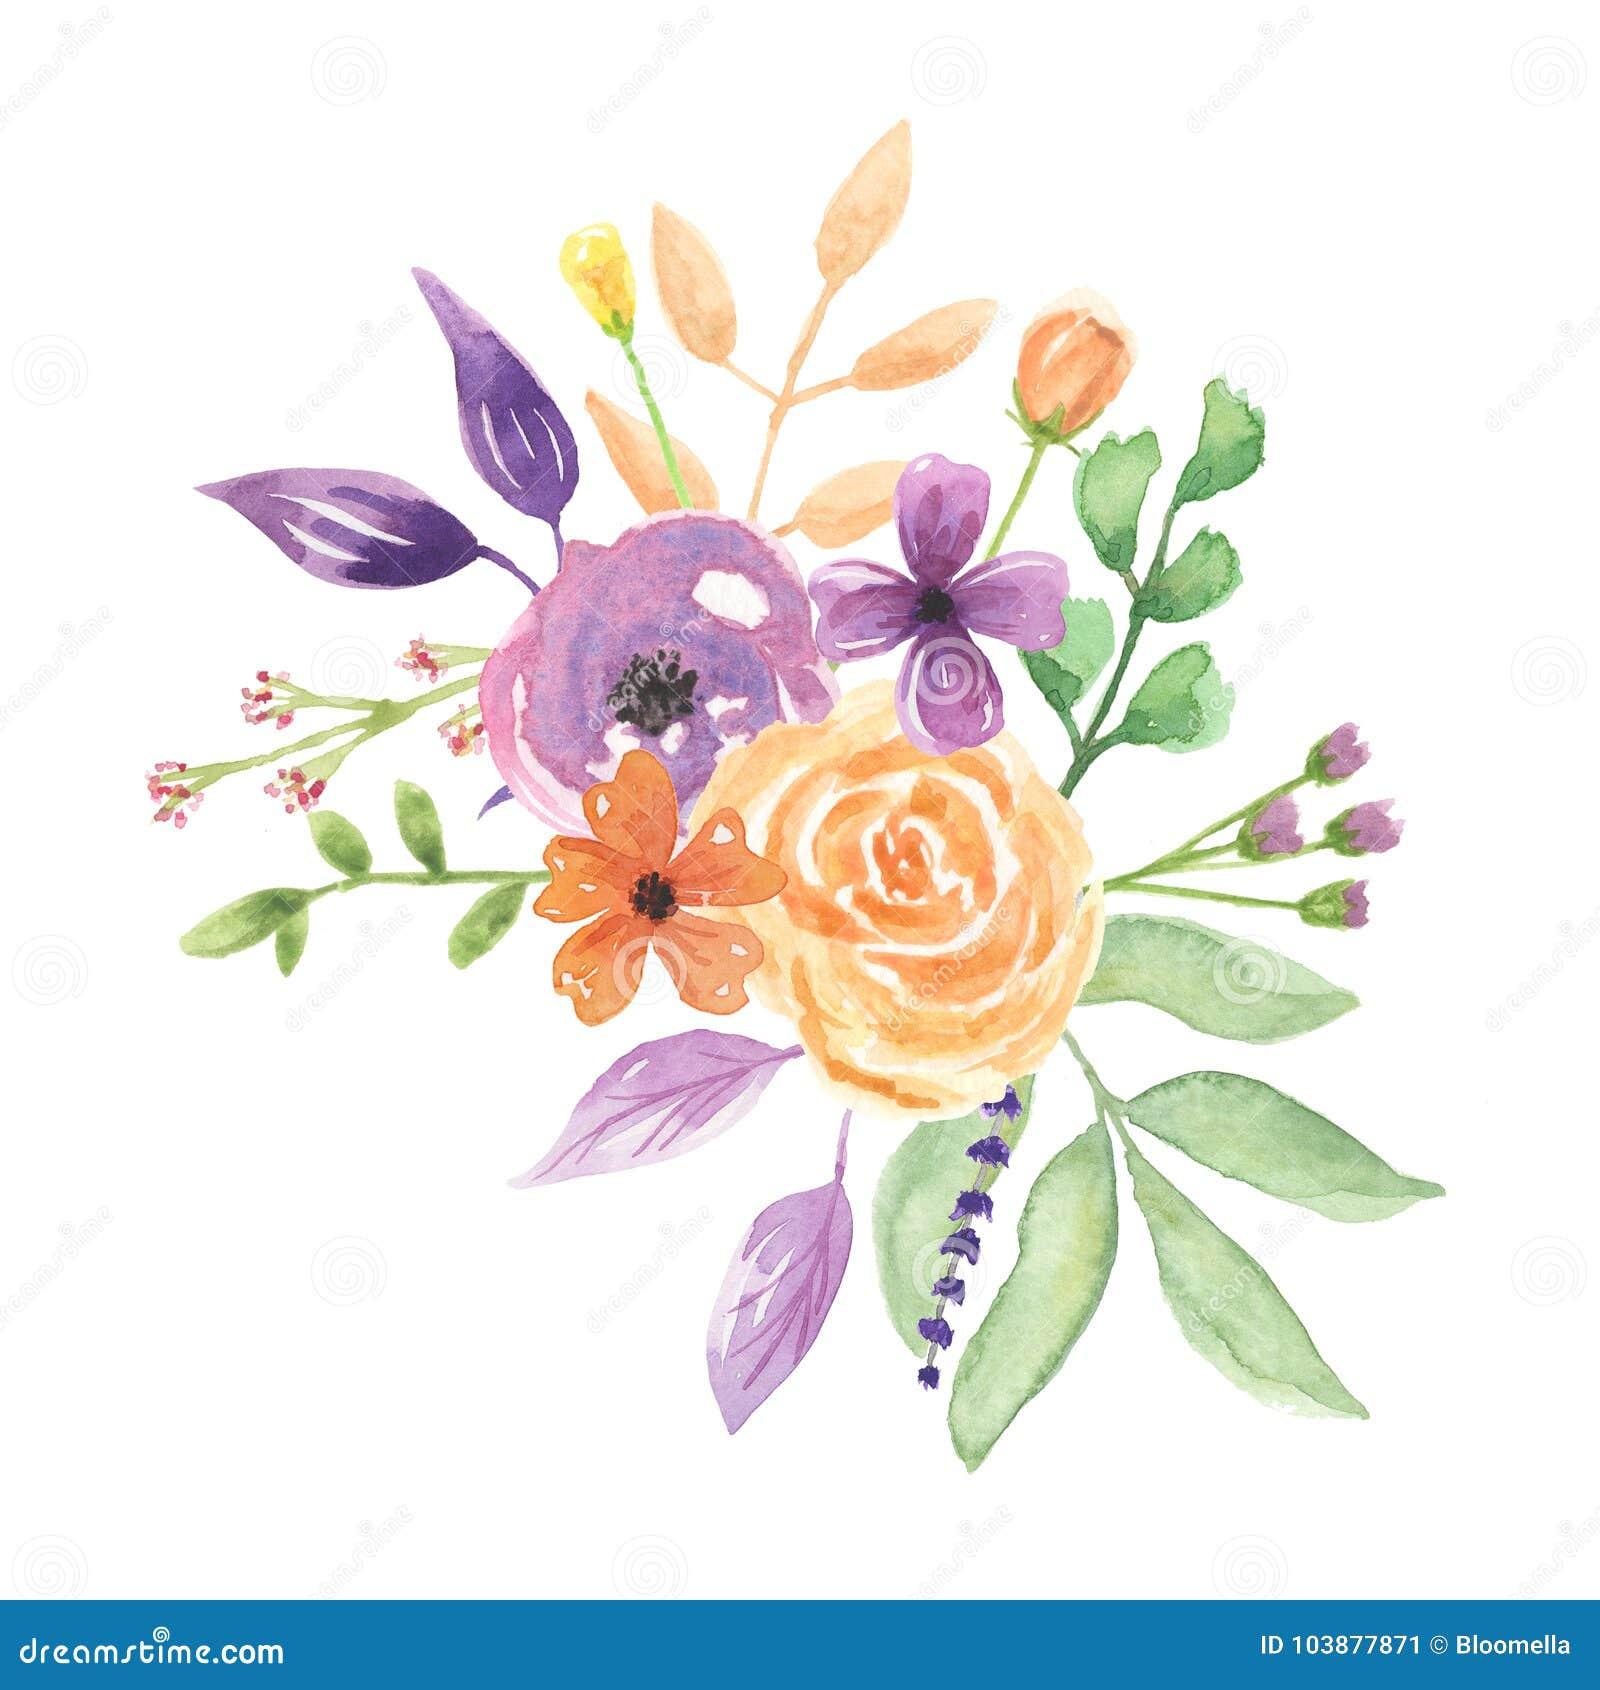 Watercolour Lavendel Blumenstrauss Anordnungs Hubsche Hochzeits